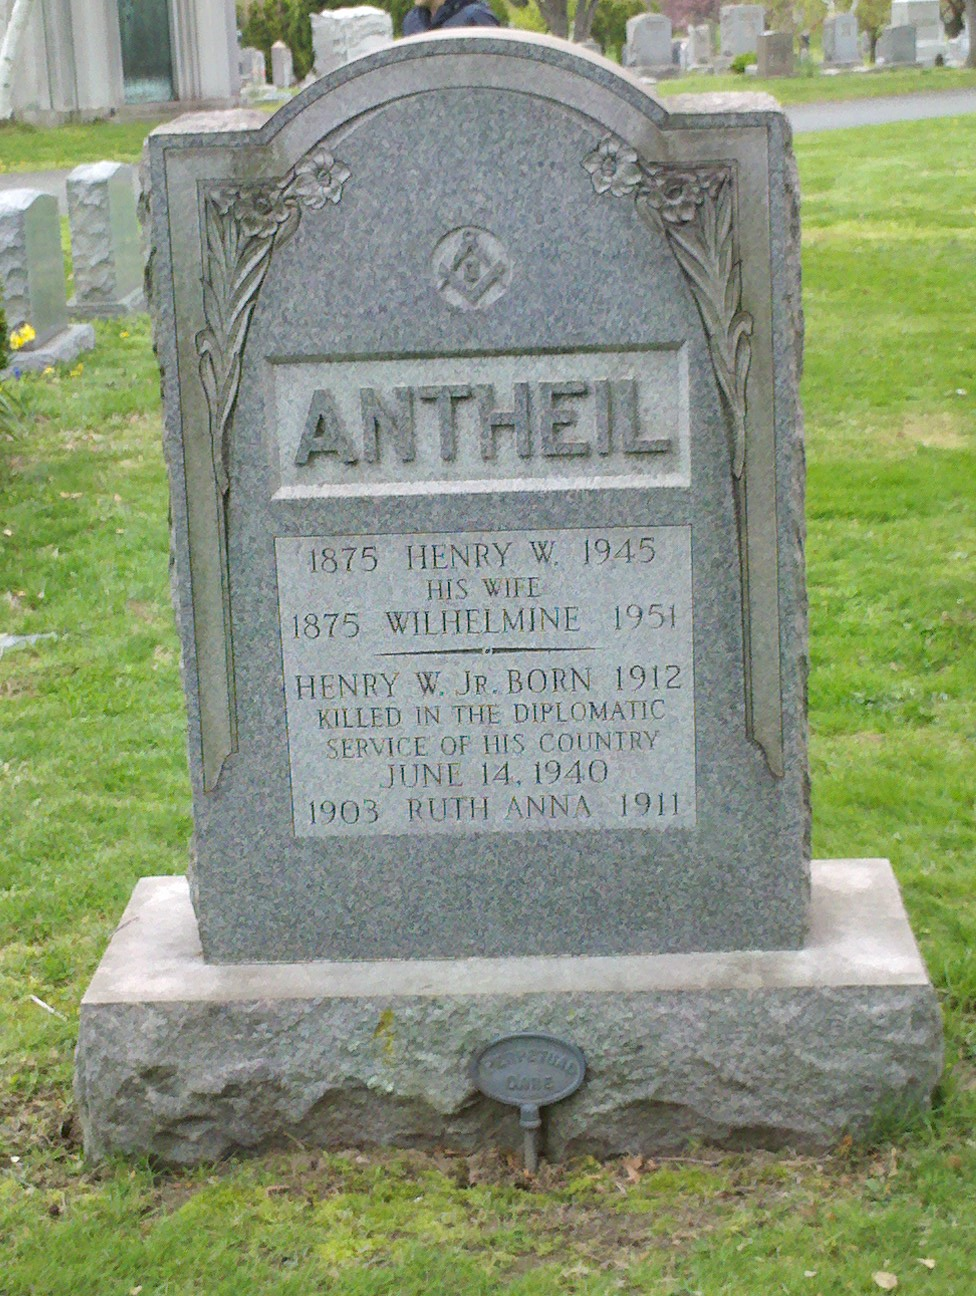 Ruth Anna W Antheil